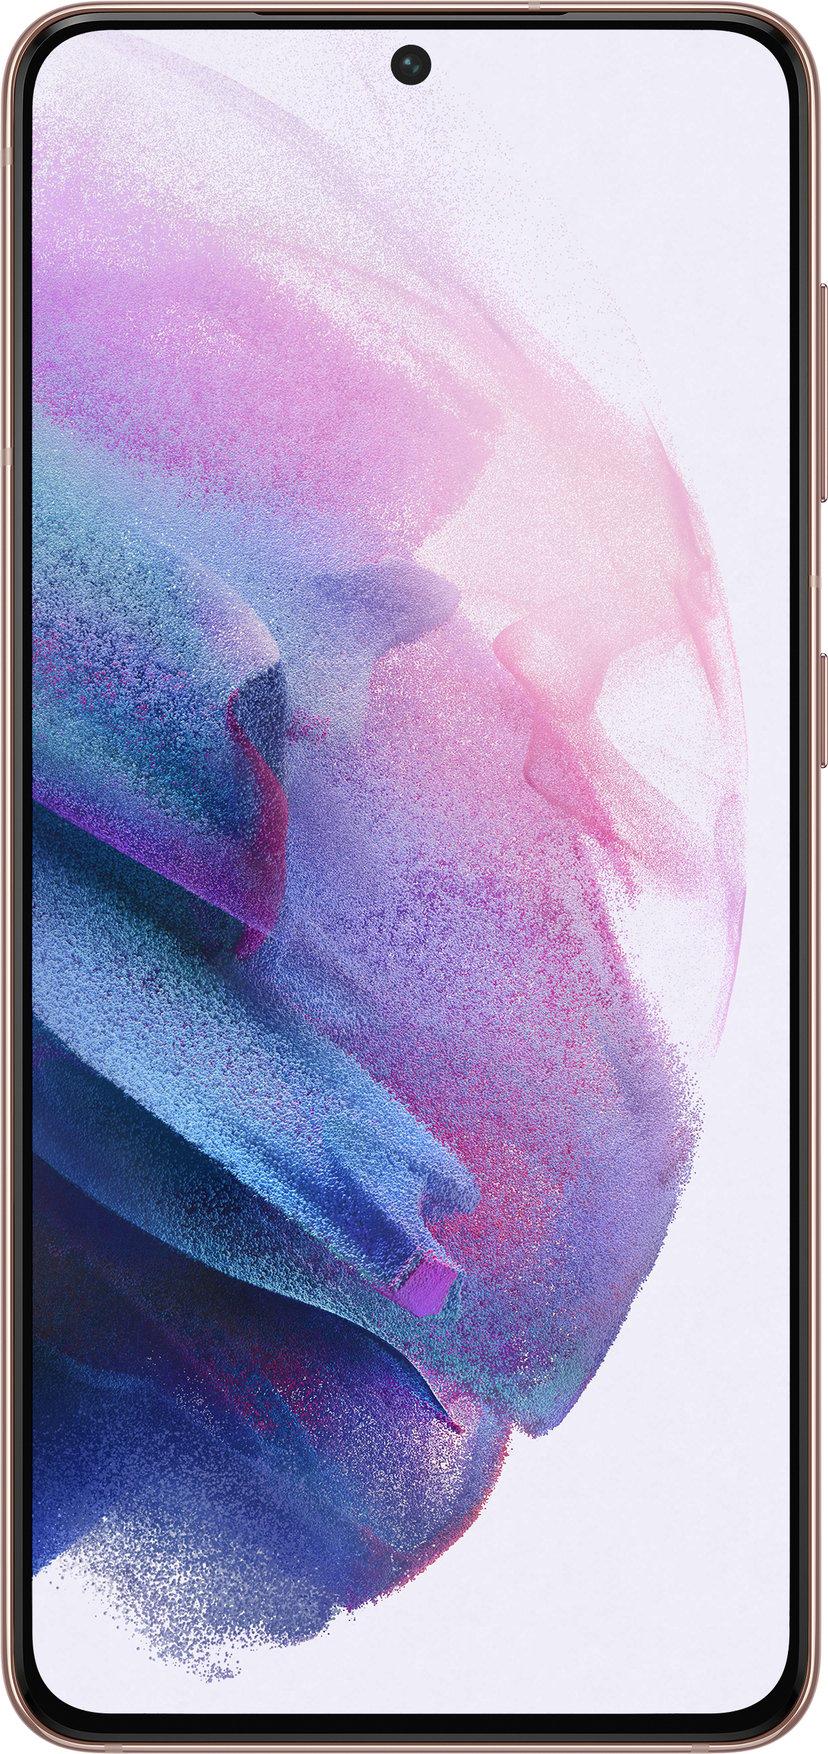 Samsung Galaxy S21 5G 128GB Dual-SIM Phantom violet